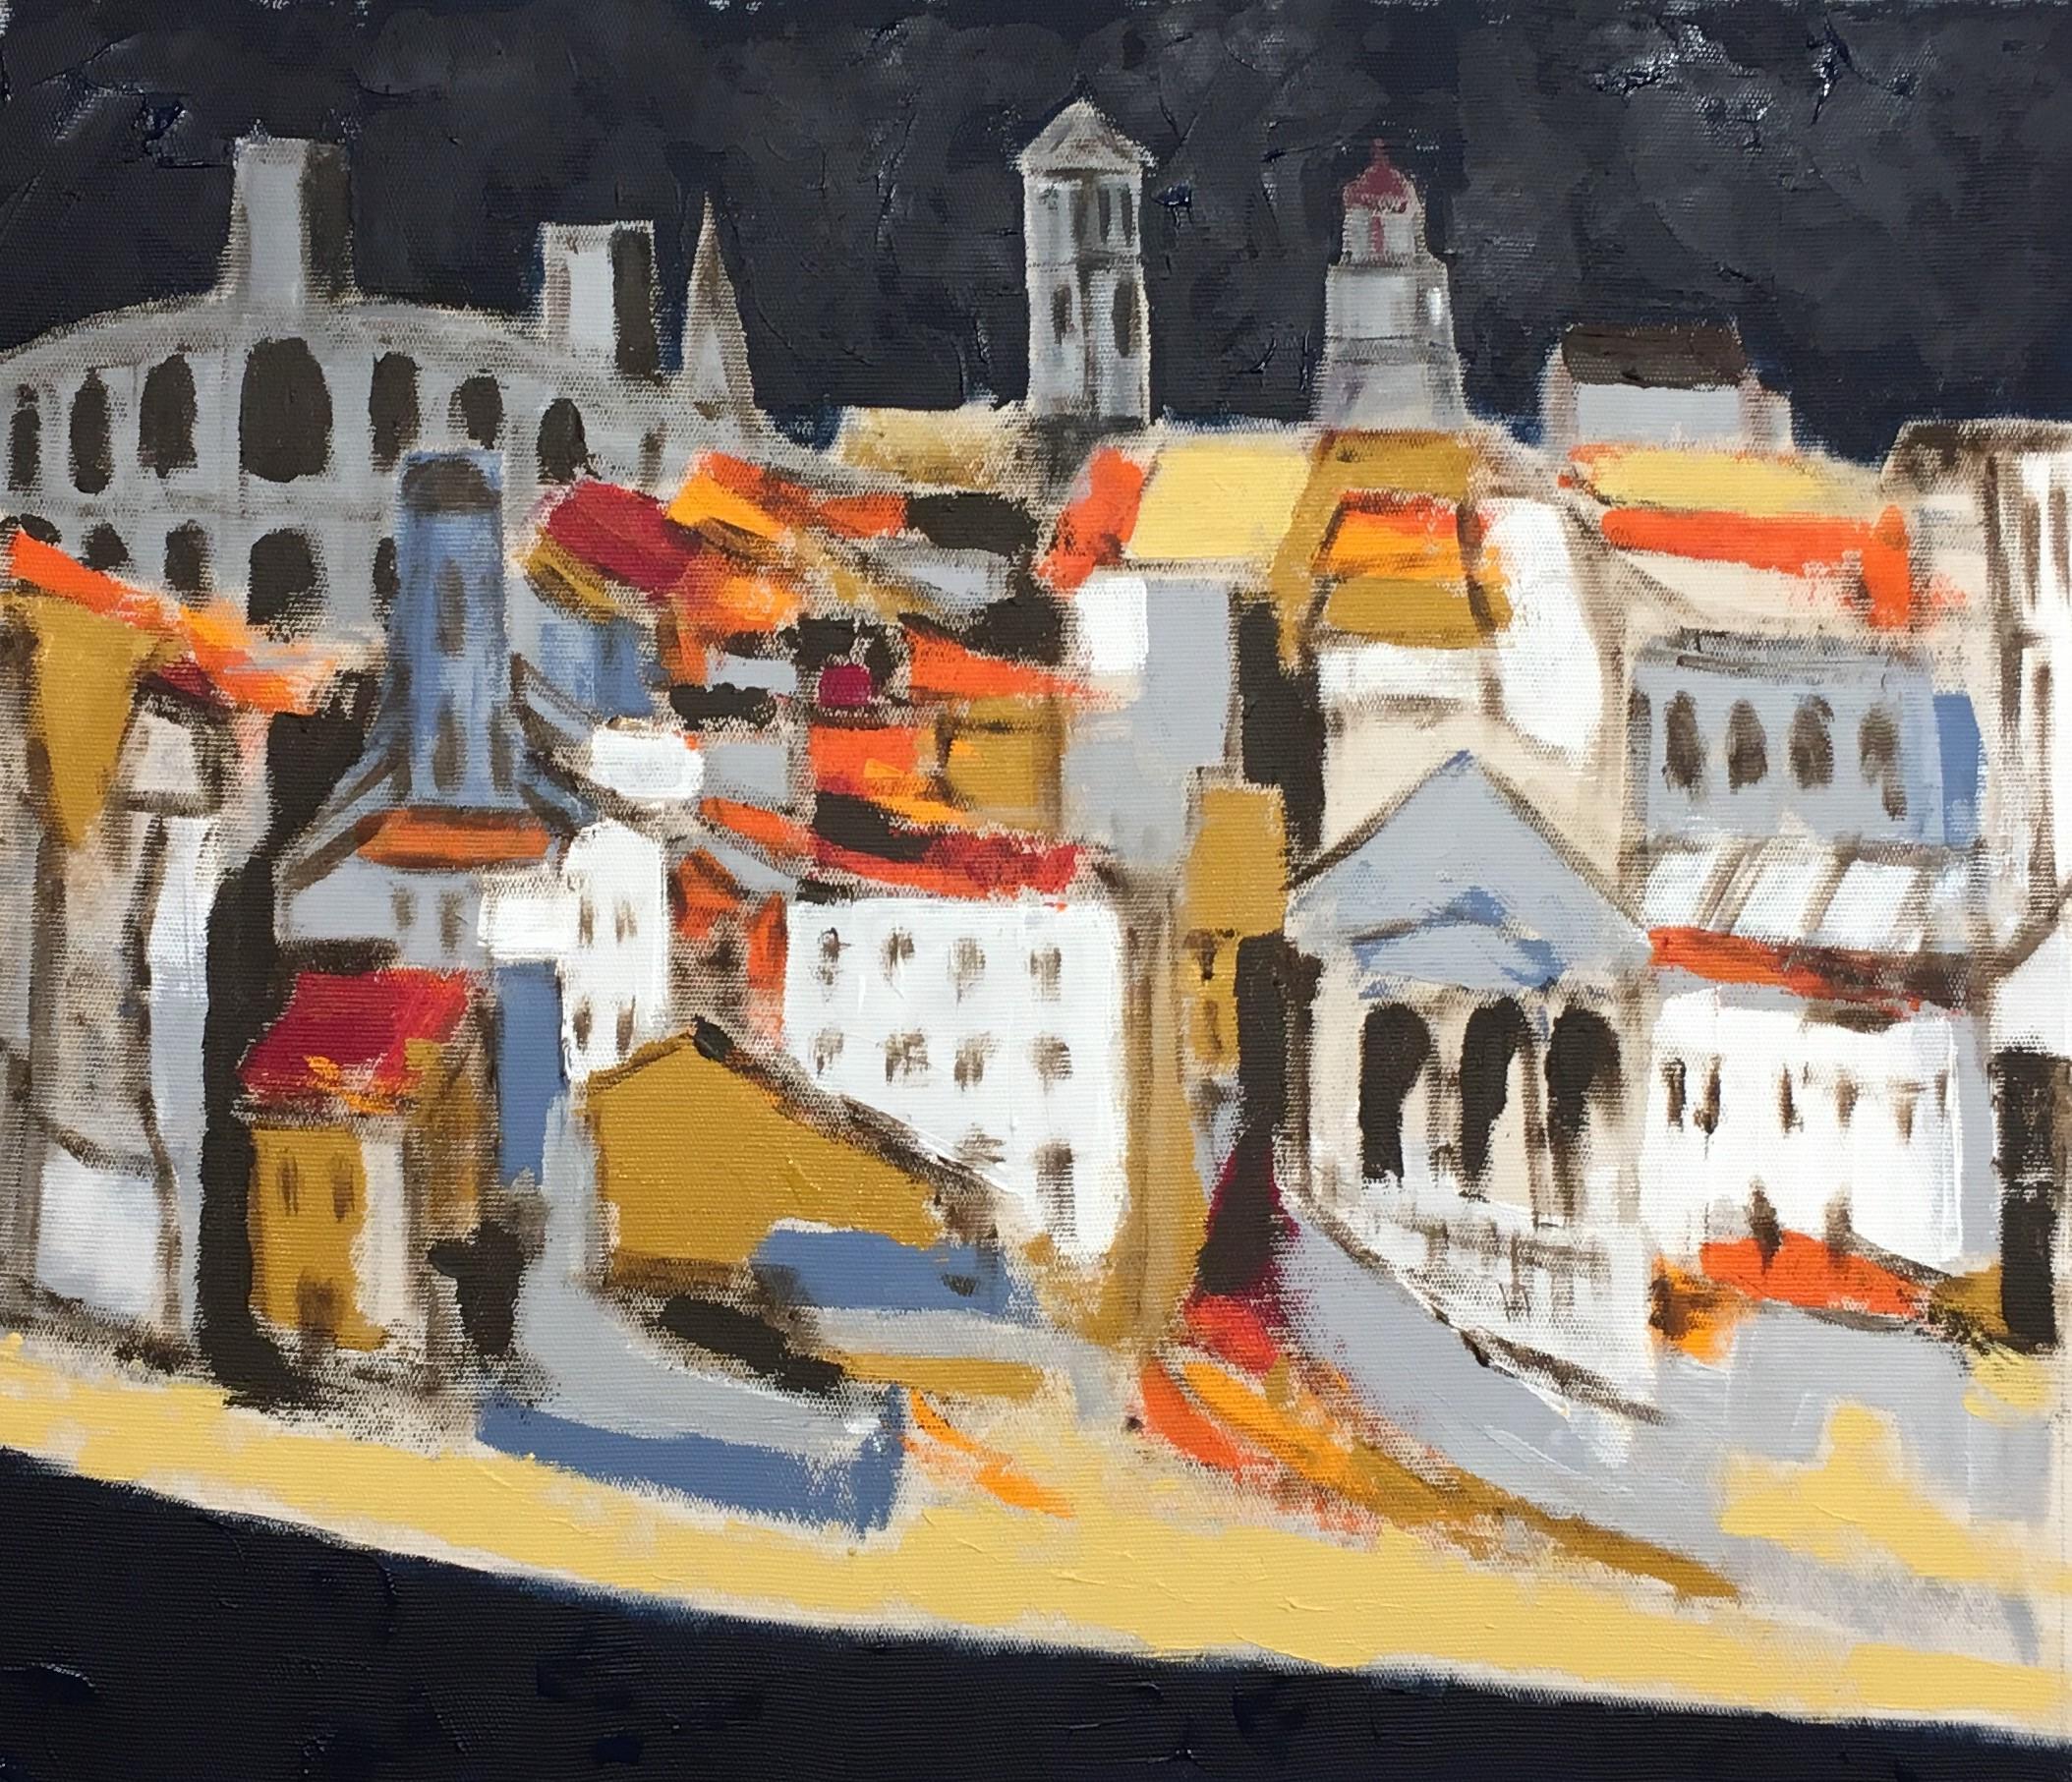 N° 4210 - Arles - Acrylique sur toile - 54 x 65 cm - 10 octobre 2018